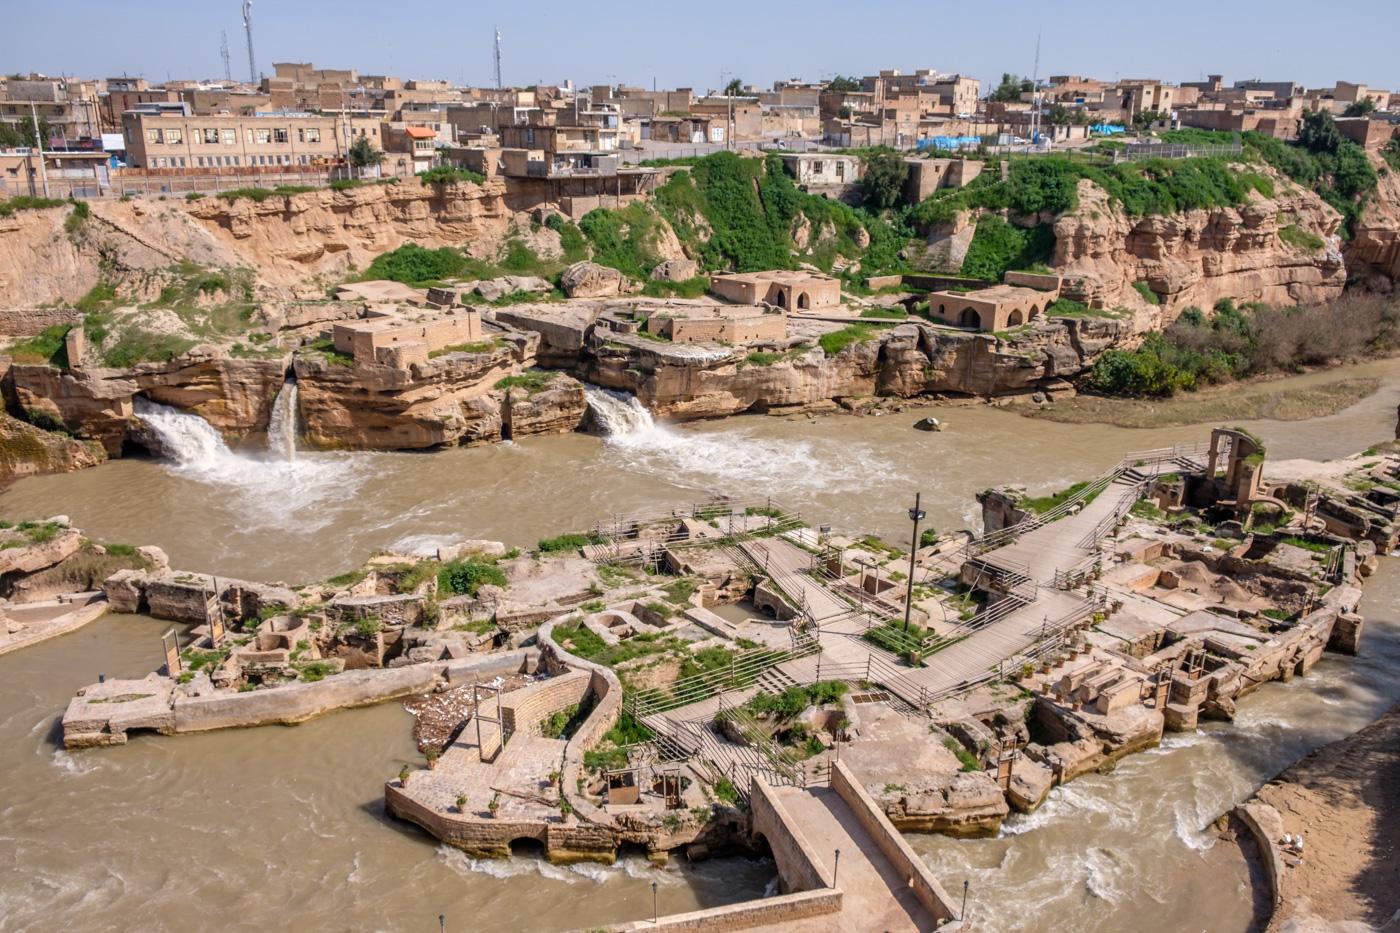 Iran abseits der Hauptrouten - (5) Schuschtar, historisches Bewässerungssystem